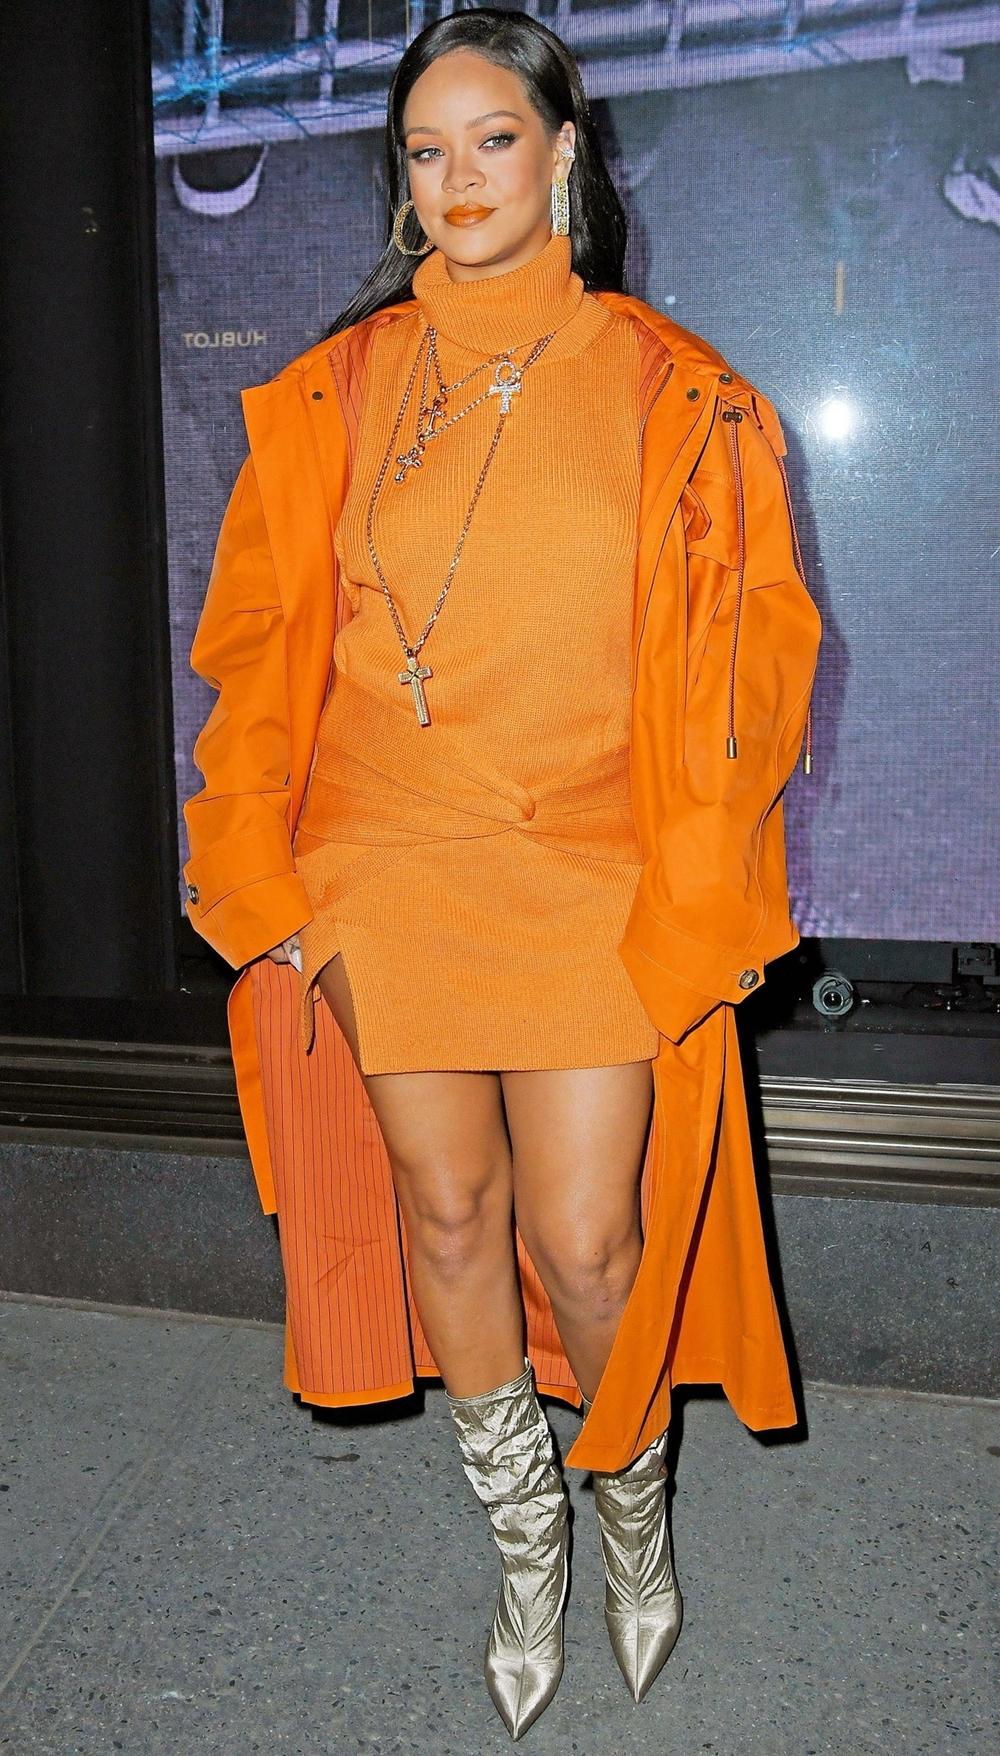 Người đẹp 32 tuổi nổi bật trong set cam của Fenty - thương hiệu do cô thành lập, cótrụ sở tại Paris (Pháp). Ca sĩ tôntrang phục bằng vòng cổ hình thánh giá, khuyên tai tròn bản lớn và boots bạc.